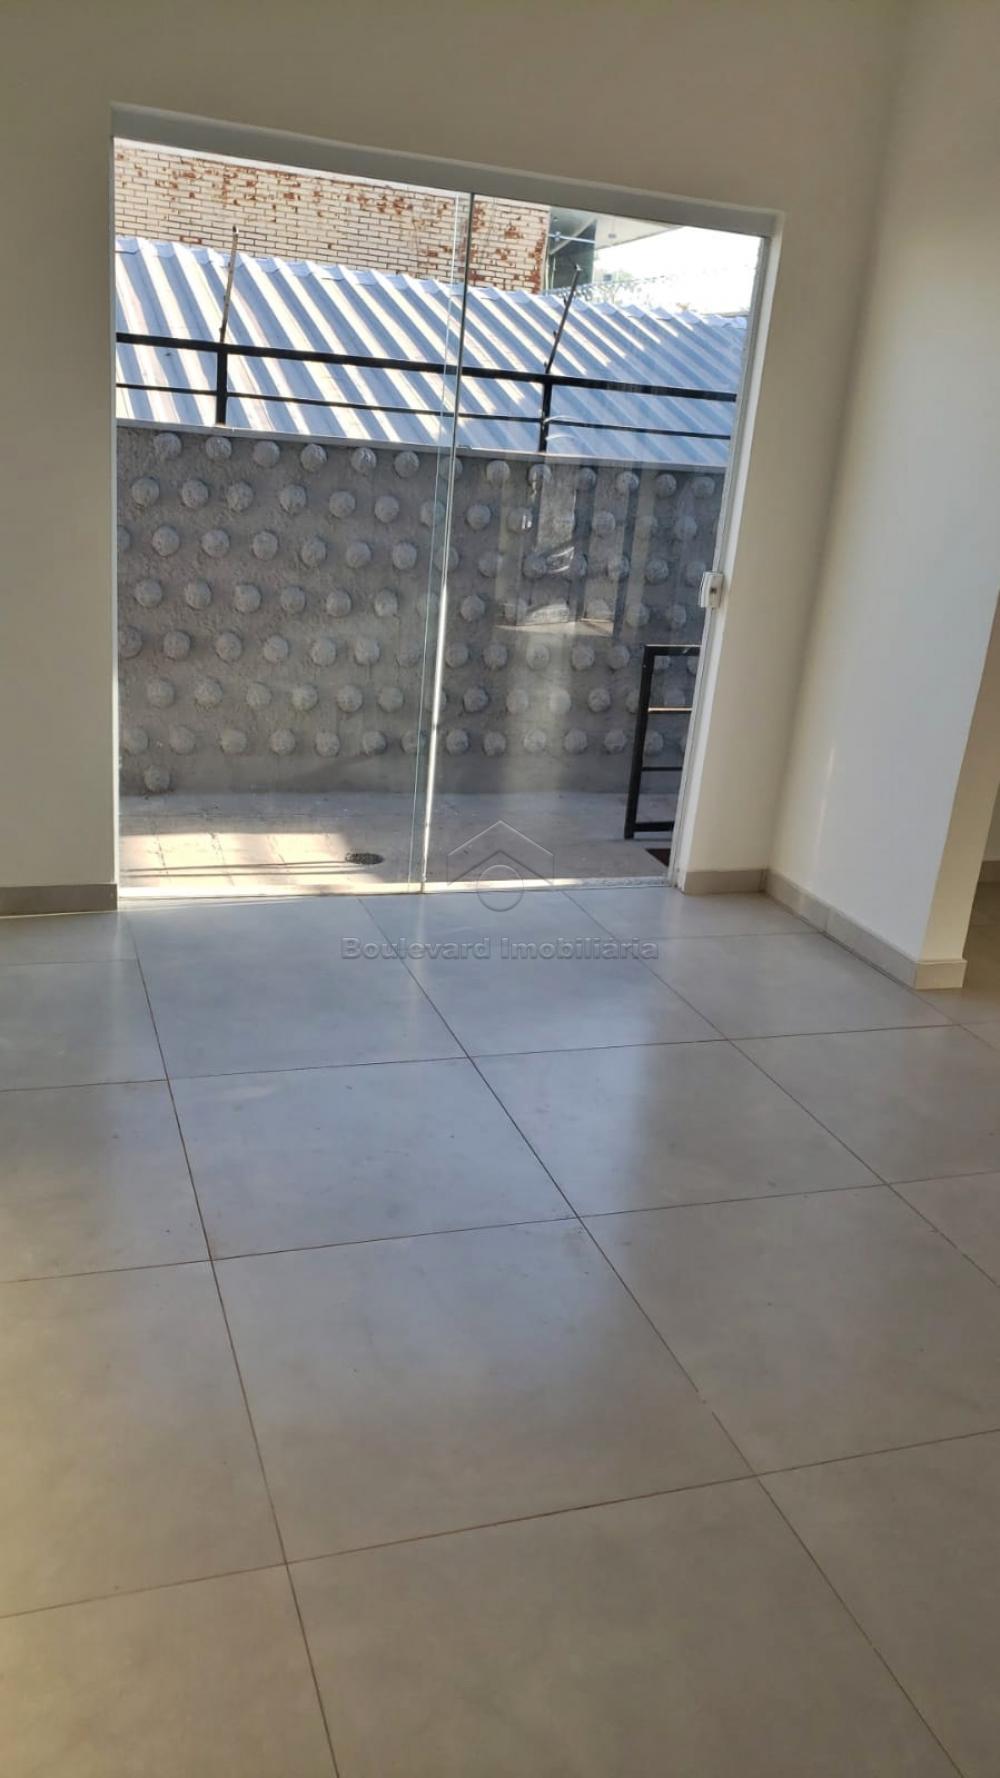 Alugar Casa / Padrão em Ribeirão Preto R$ 3.500,00 - Foto 5